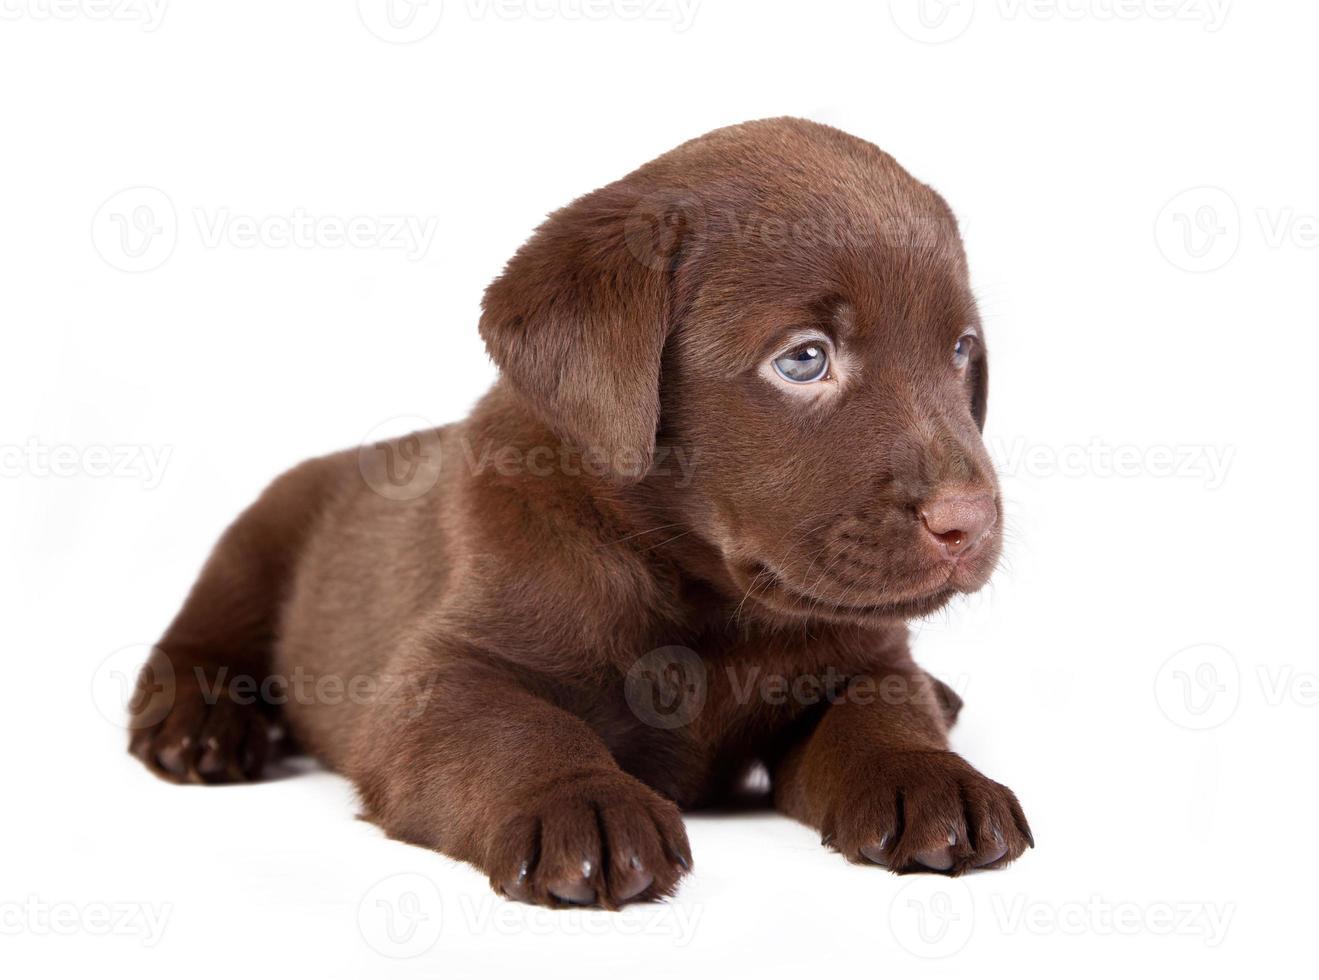 filhote de cachorro de chocolate labrador está deitado no branco foto